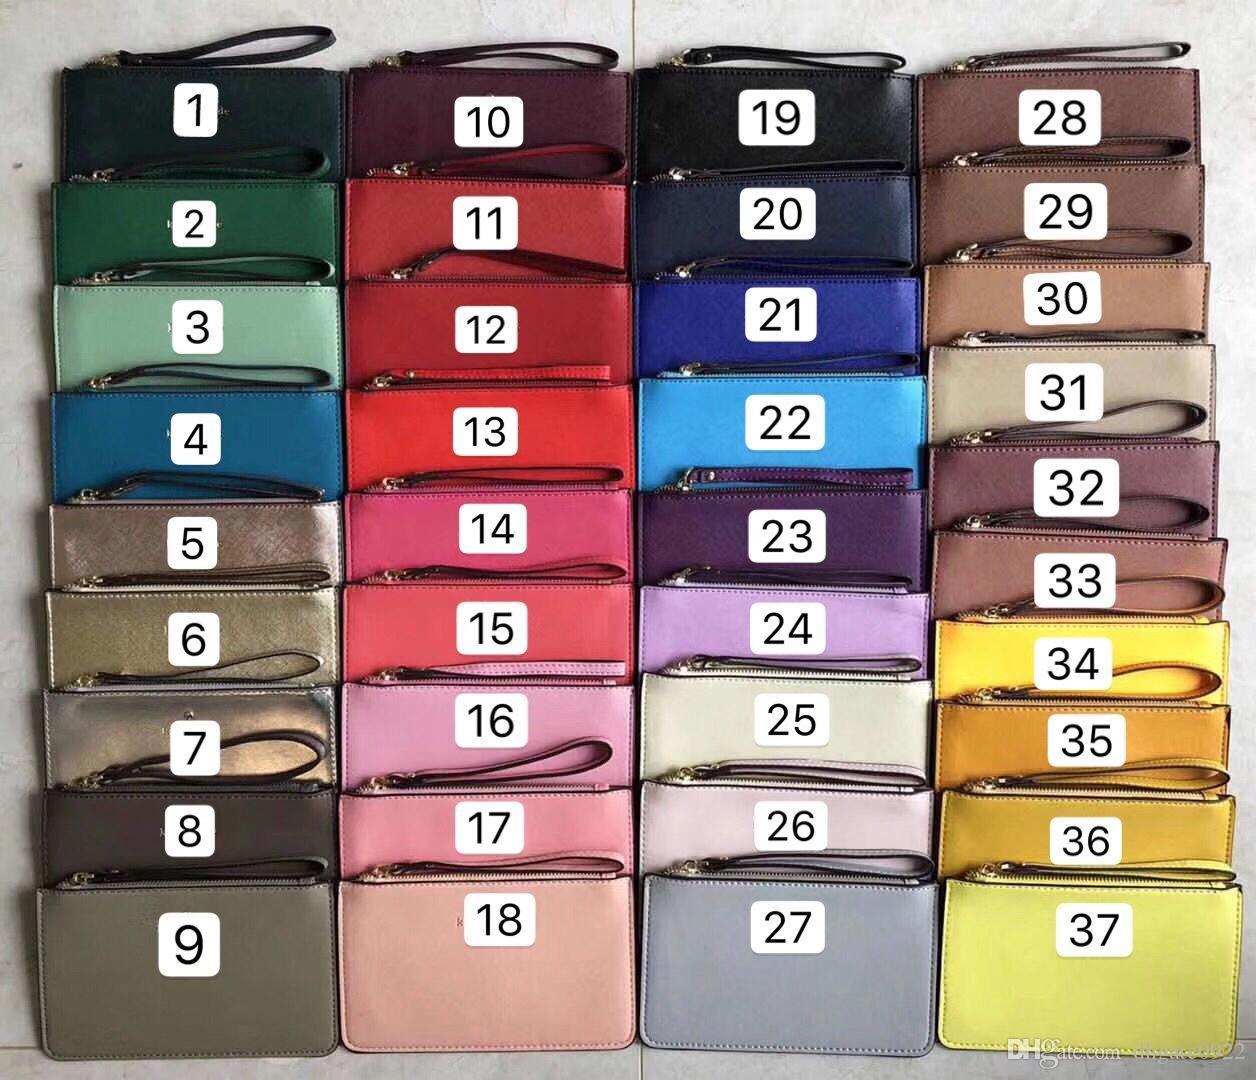 37 Couleur Marque Nouveaux portefeuilles en cuir BRACELET femmes sacs à main sacs d'embrayage à glissière sac carte Marque US